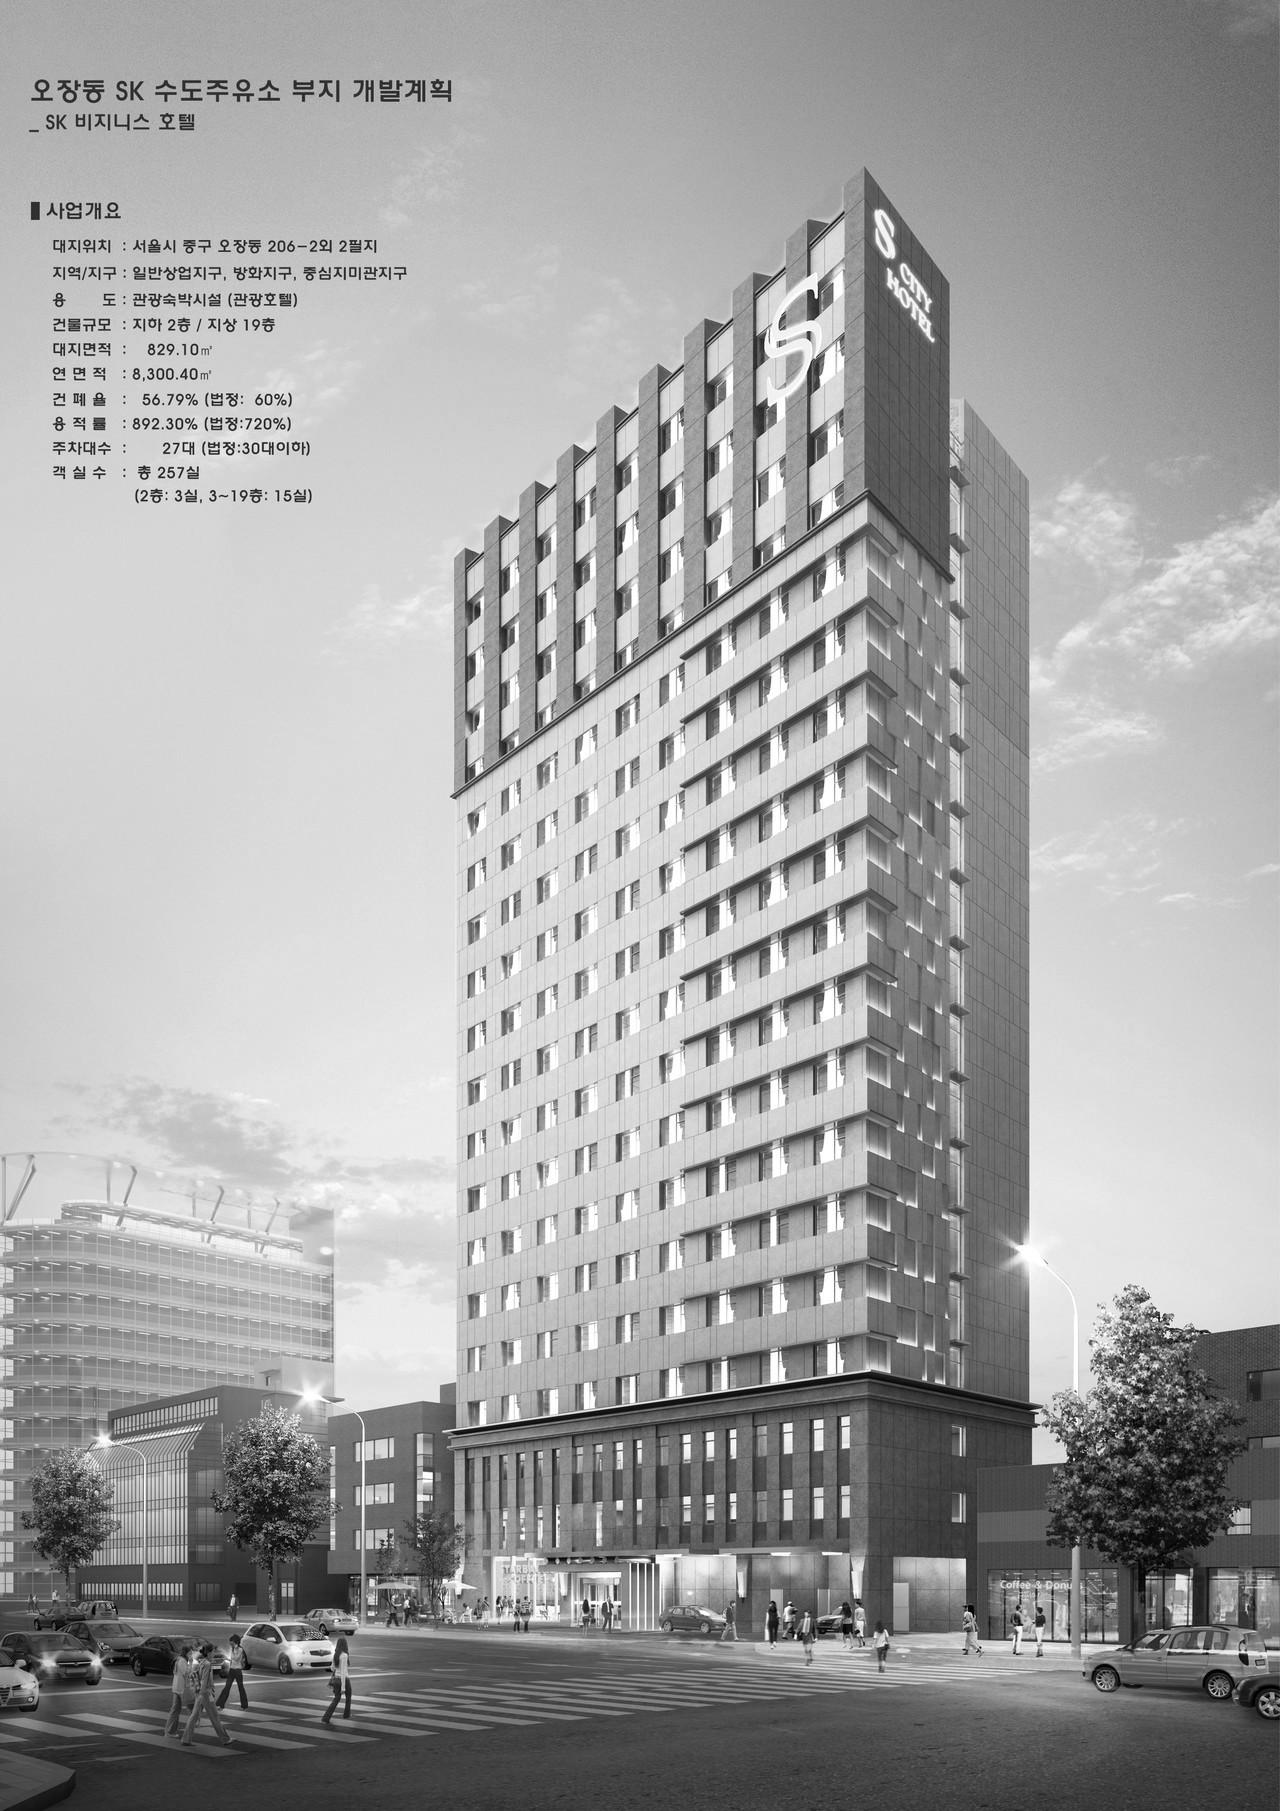 스카이파크(동대문점) 비지니스 관광호텔(준공)